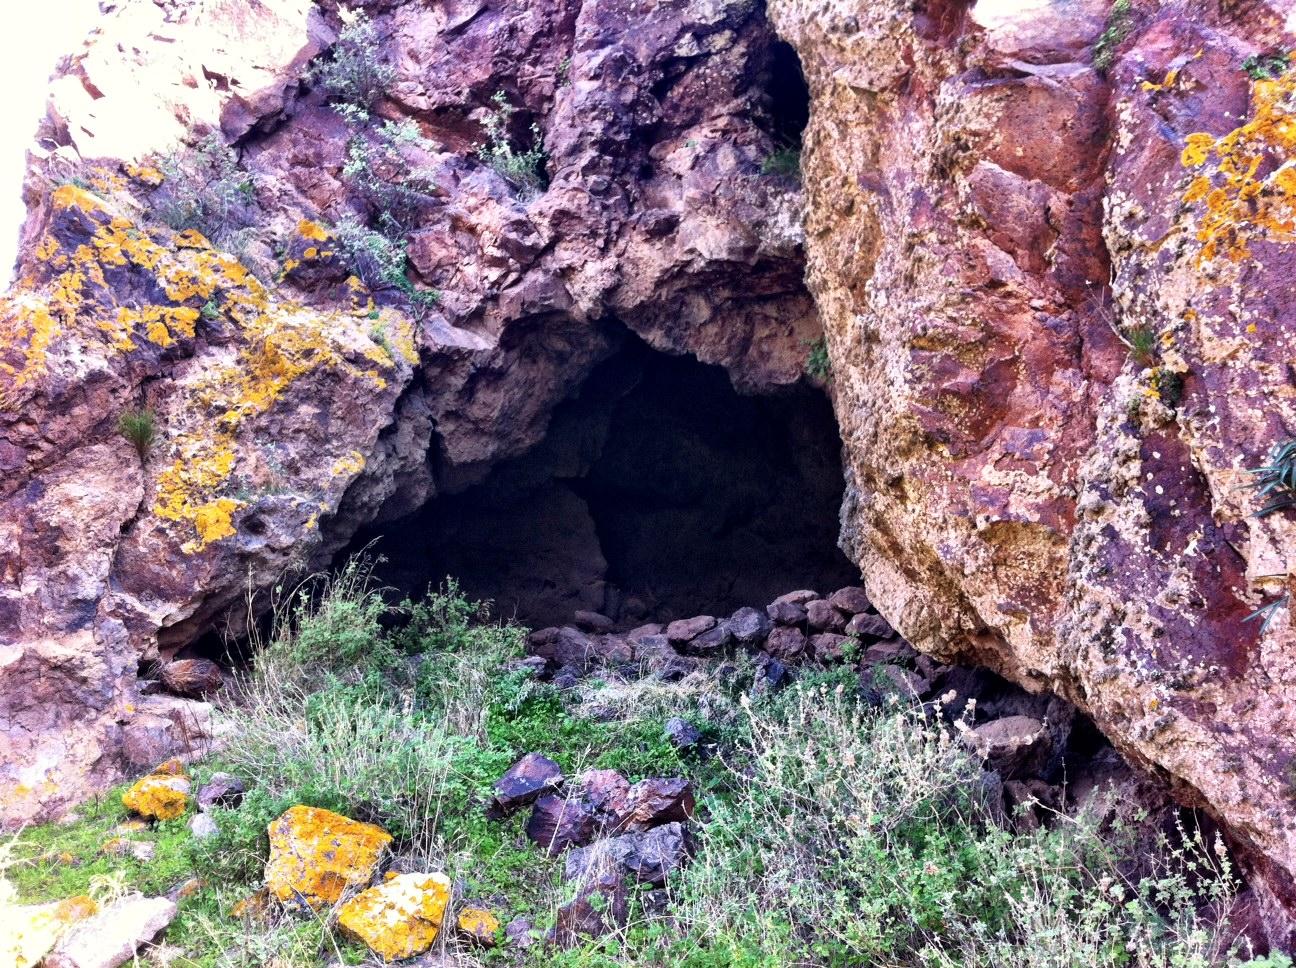 A Habitable Cave in Cerro Cuchillo, Cabo de Gata